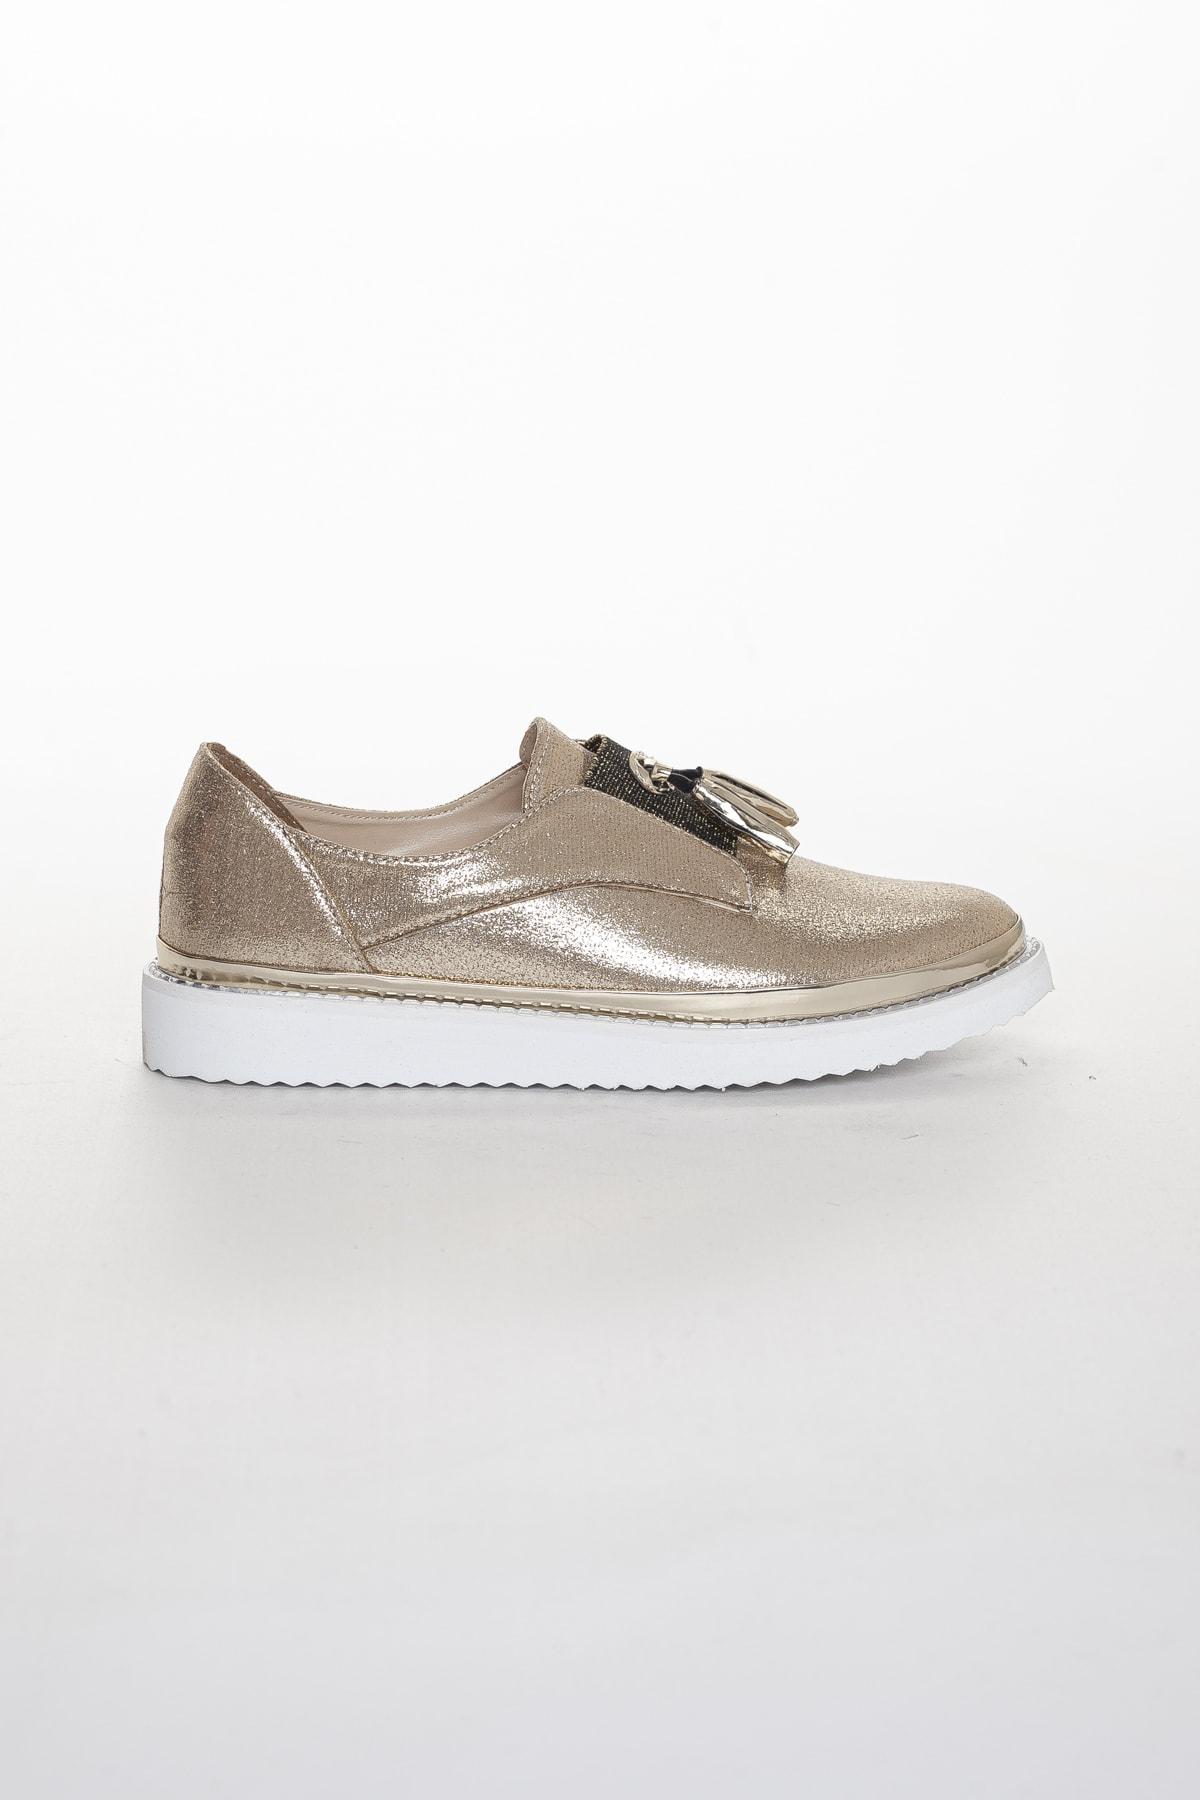 Odal Shoes Kadın Gold Oxford Spor Ayakkabı Püsküllü05012020 2